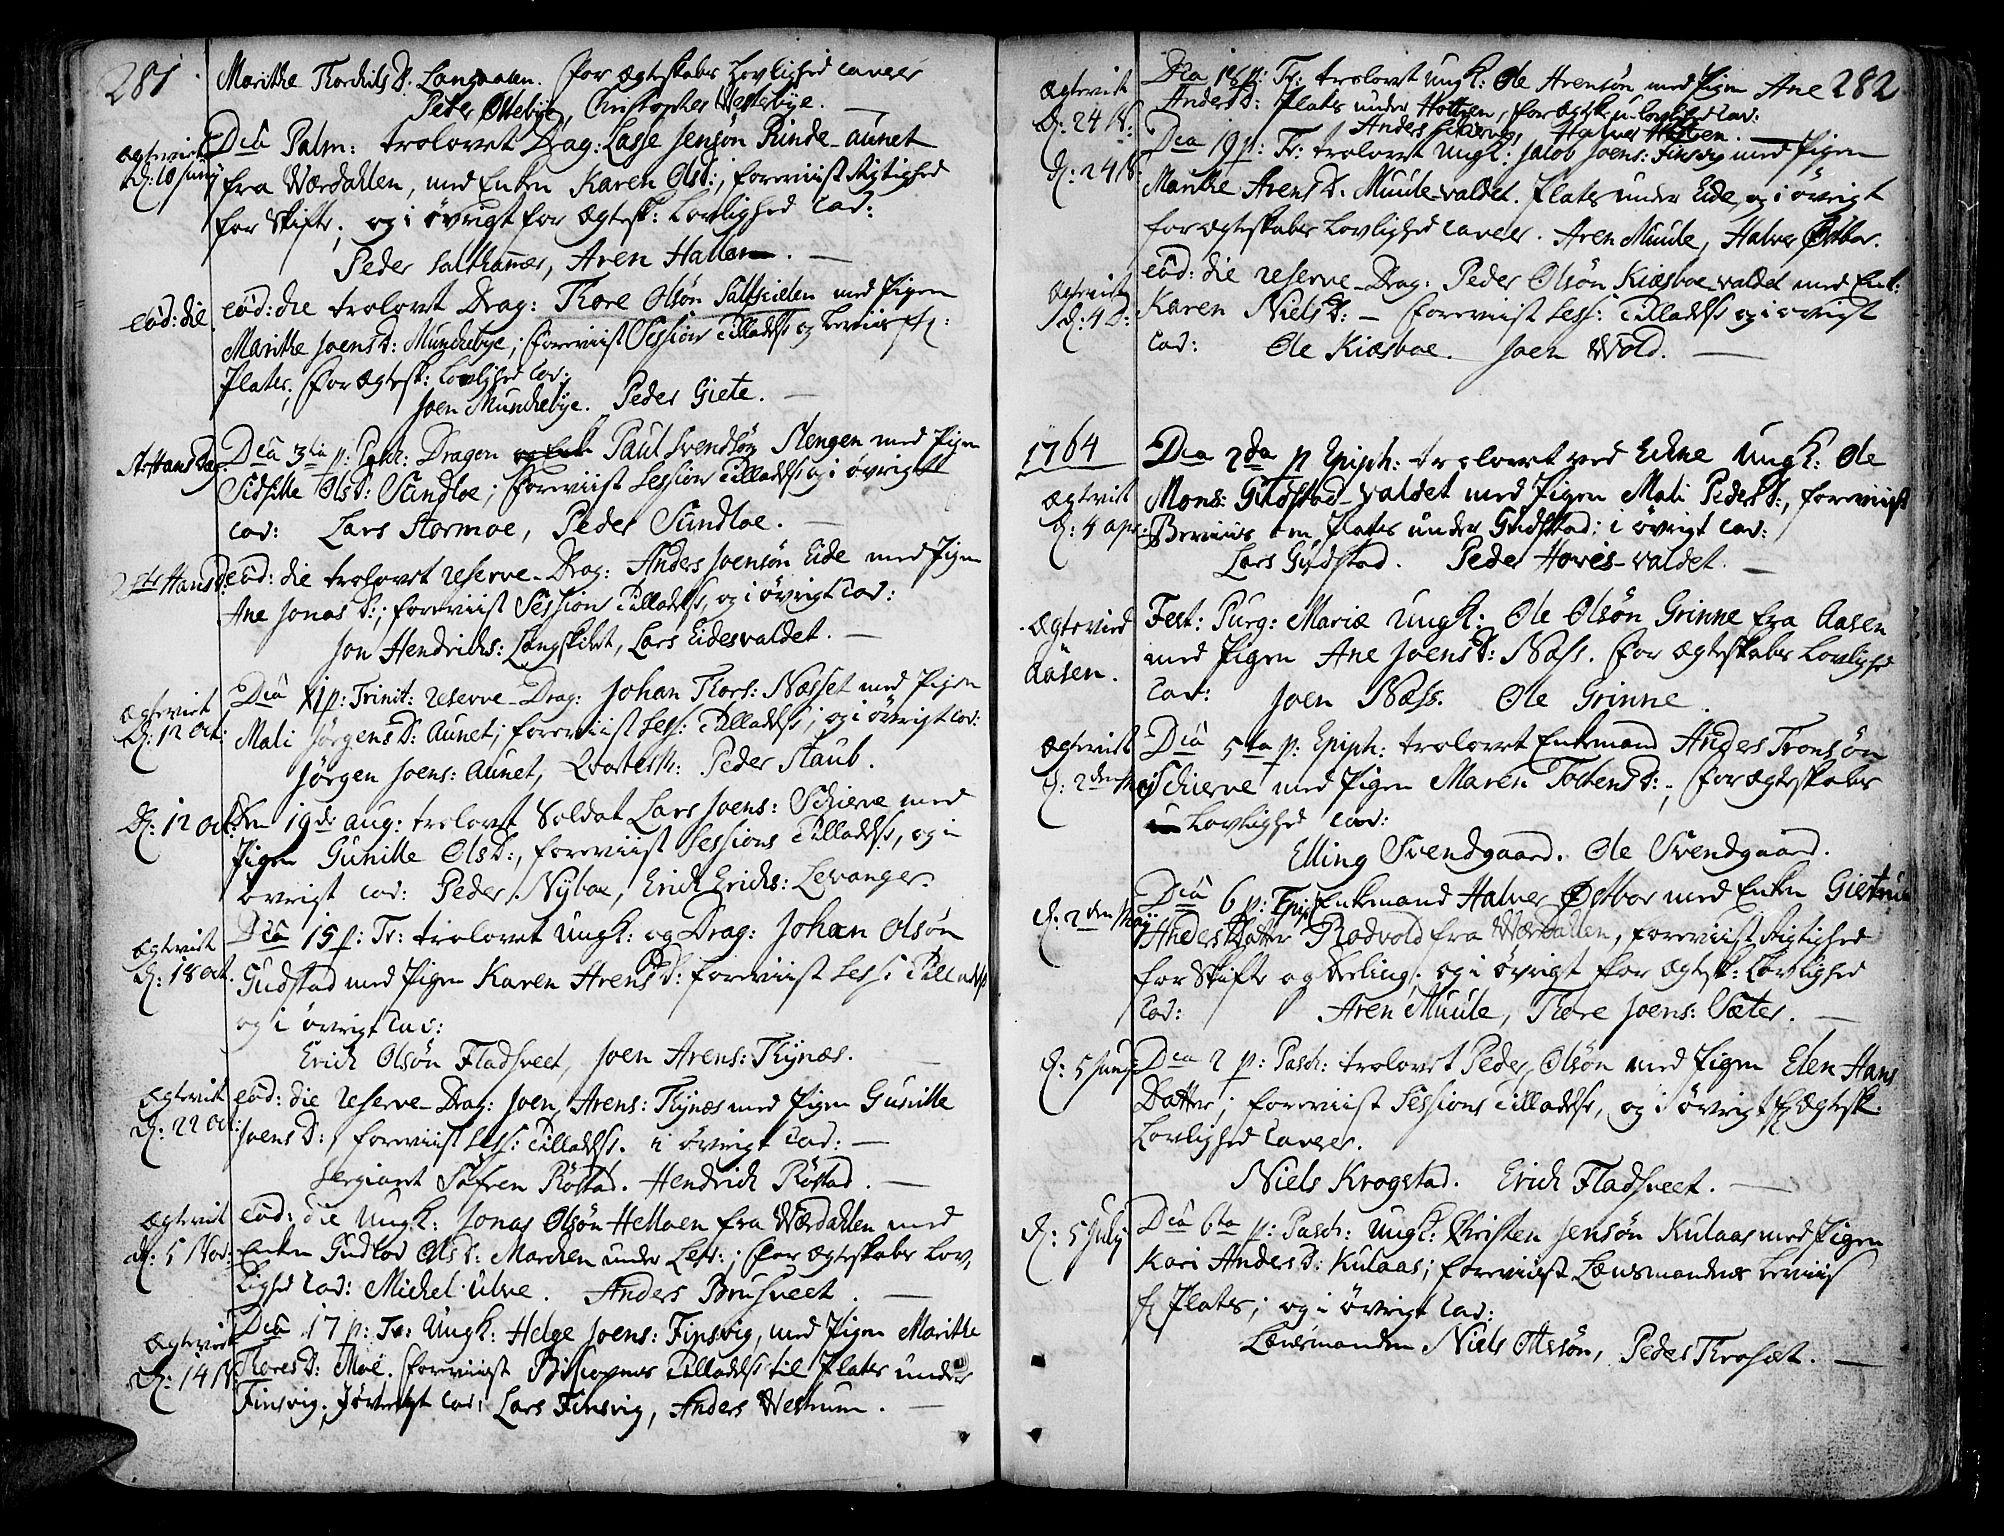 SAT, Ministerialprotokoller, klokkerbøker og fødselsregistre - Nord-Trøndelag, 717/L0141: Ministerialbok nr. 717A01, 1747-1803, s. 281-282